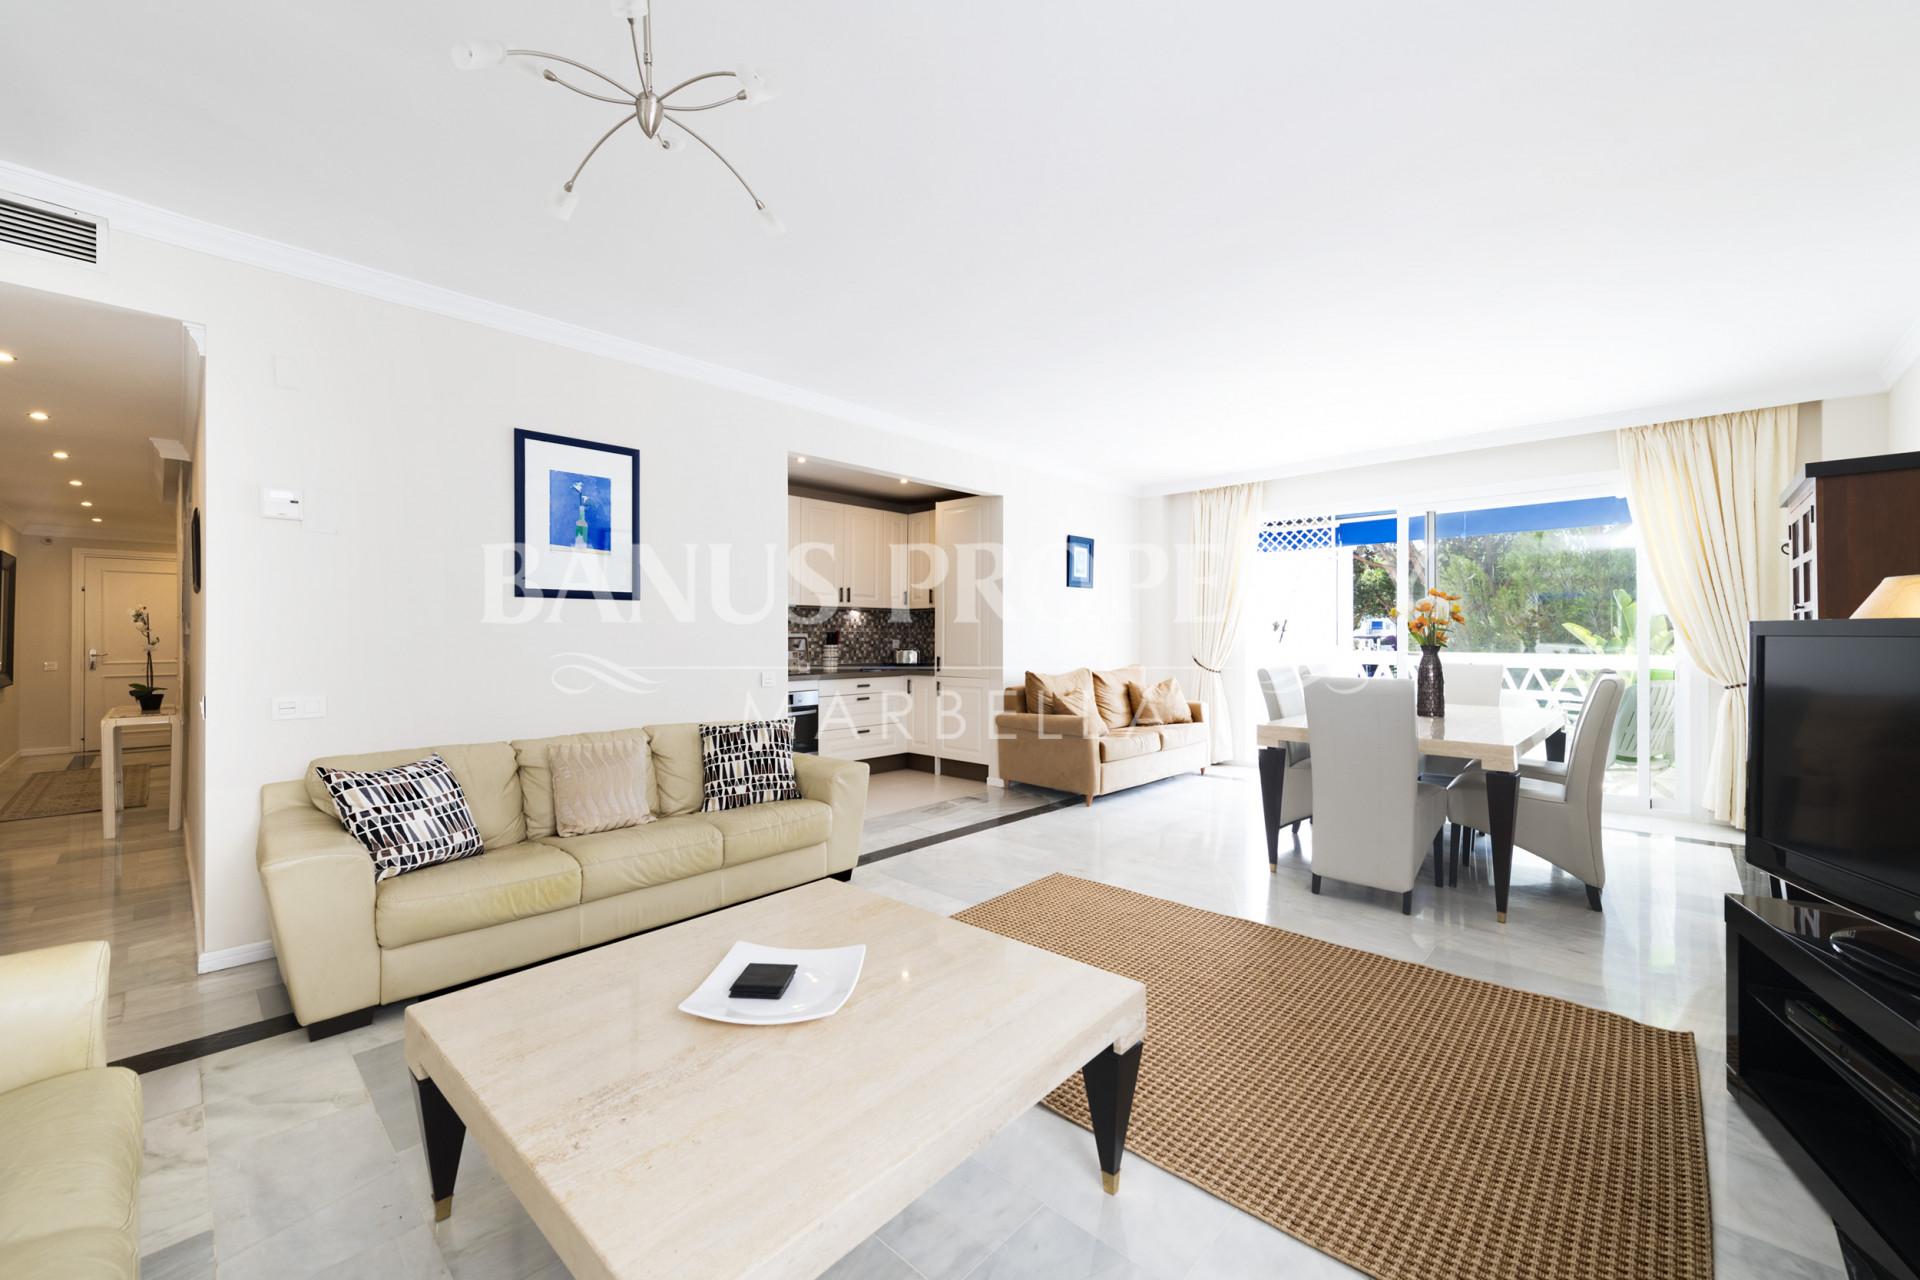 Two-bedroom apartment for sale in Casas Córdoba, within prestigious Playas del Duque in Puerto Banús